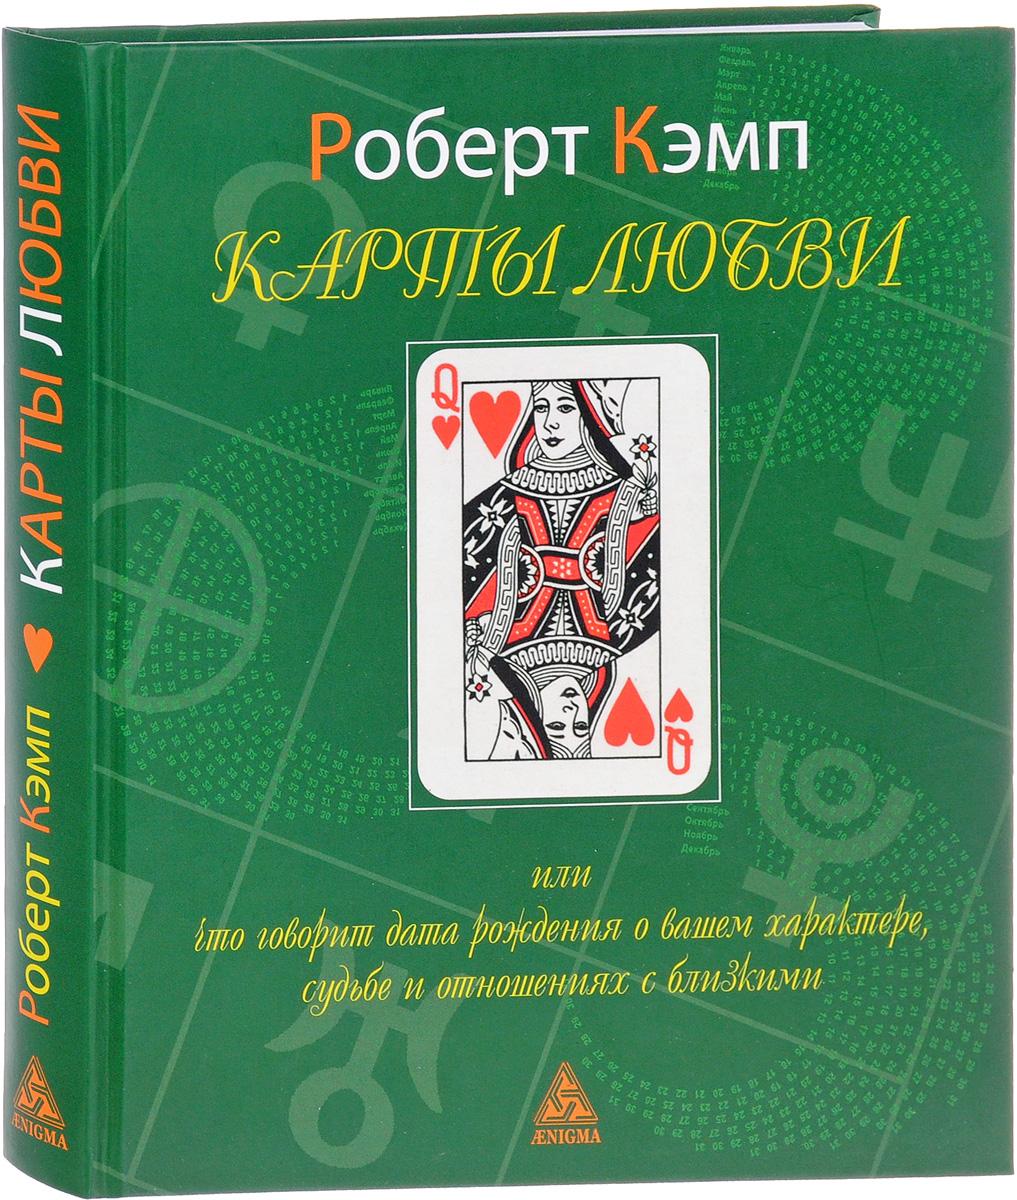 Роберт Кэмп Карты любви, или Что говорит дата рождения о вашем характере, судьбе и отношениях с близкими ISBN: 978-5-94698-256-6